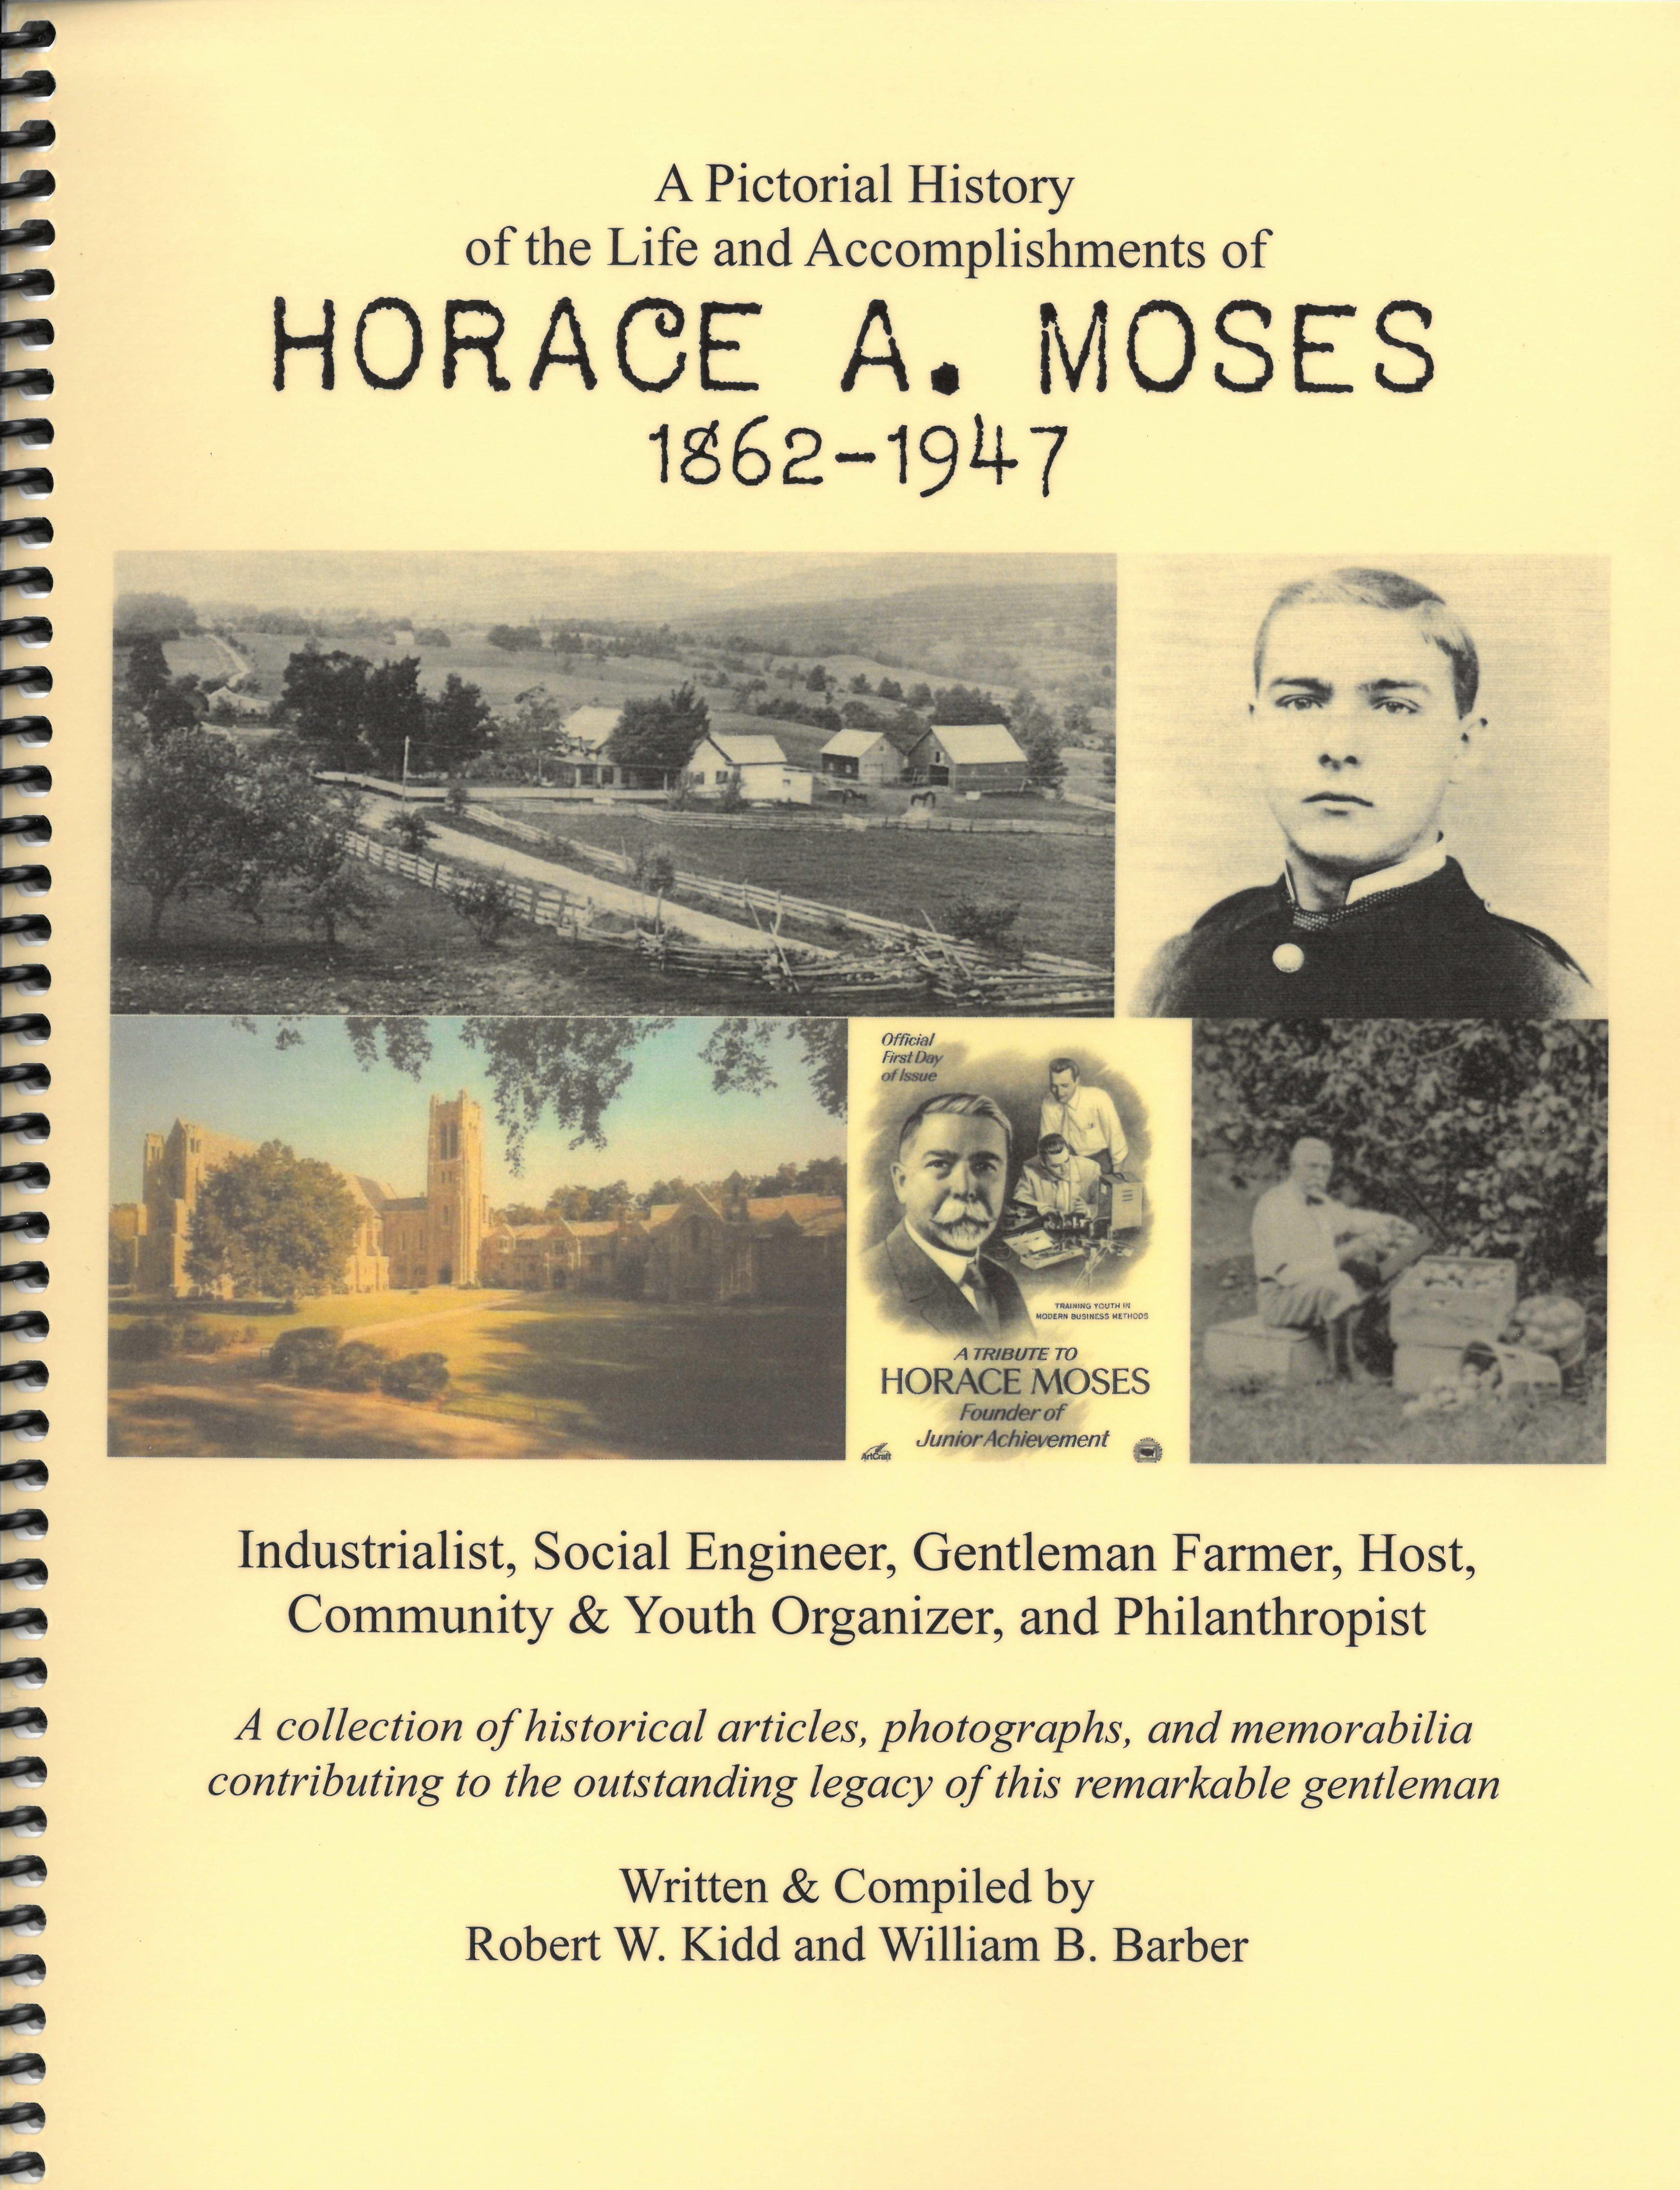 HoraceAMosesBookCover